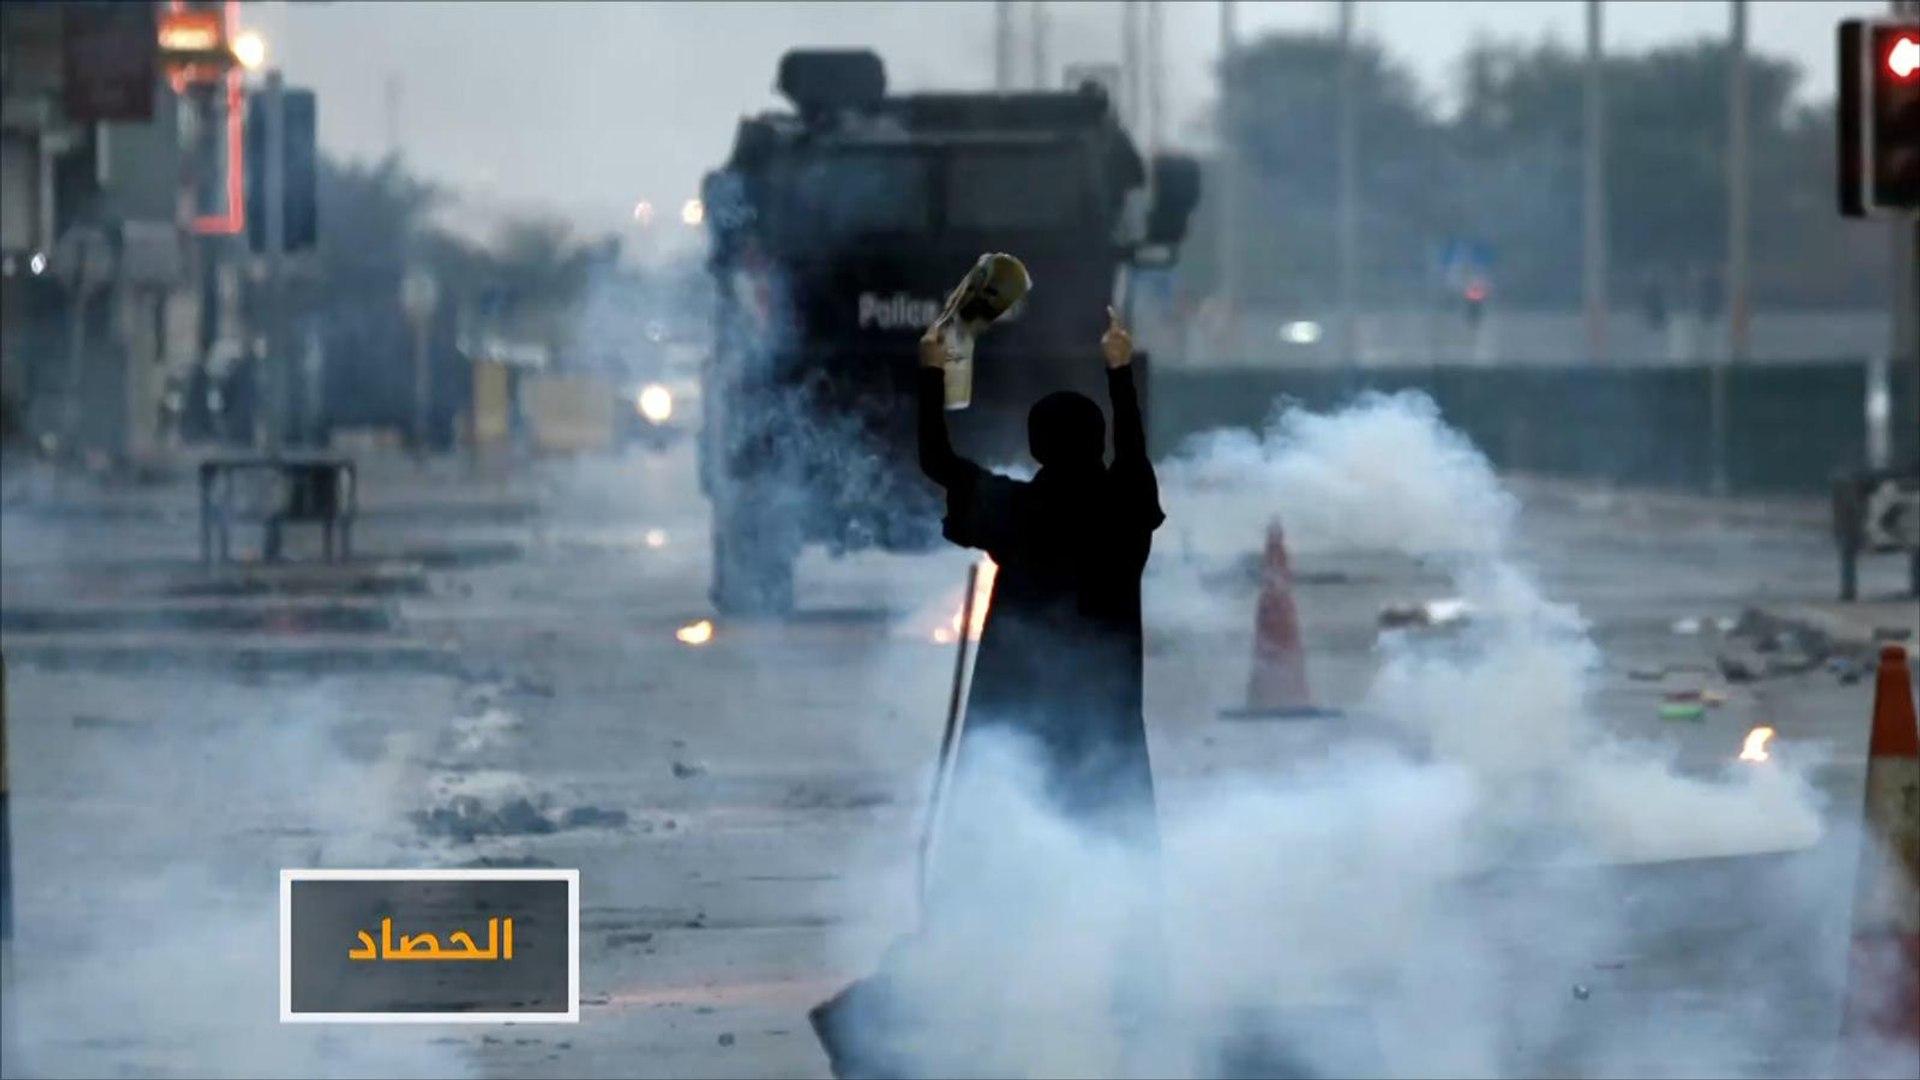 منظمة العفو الدولية تنتقد قمع الحريات في البحرين